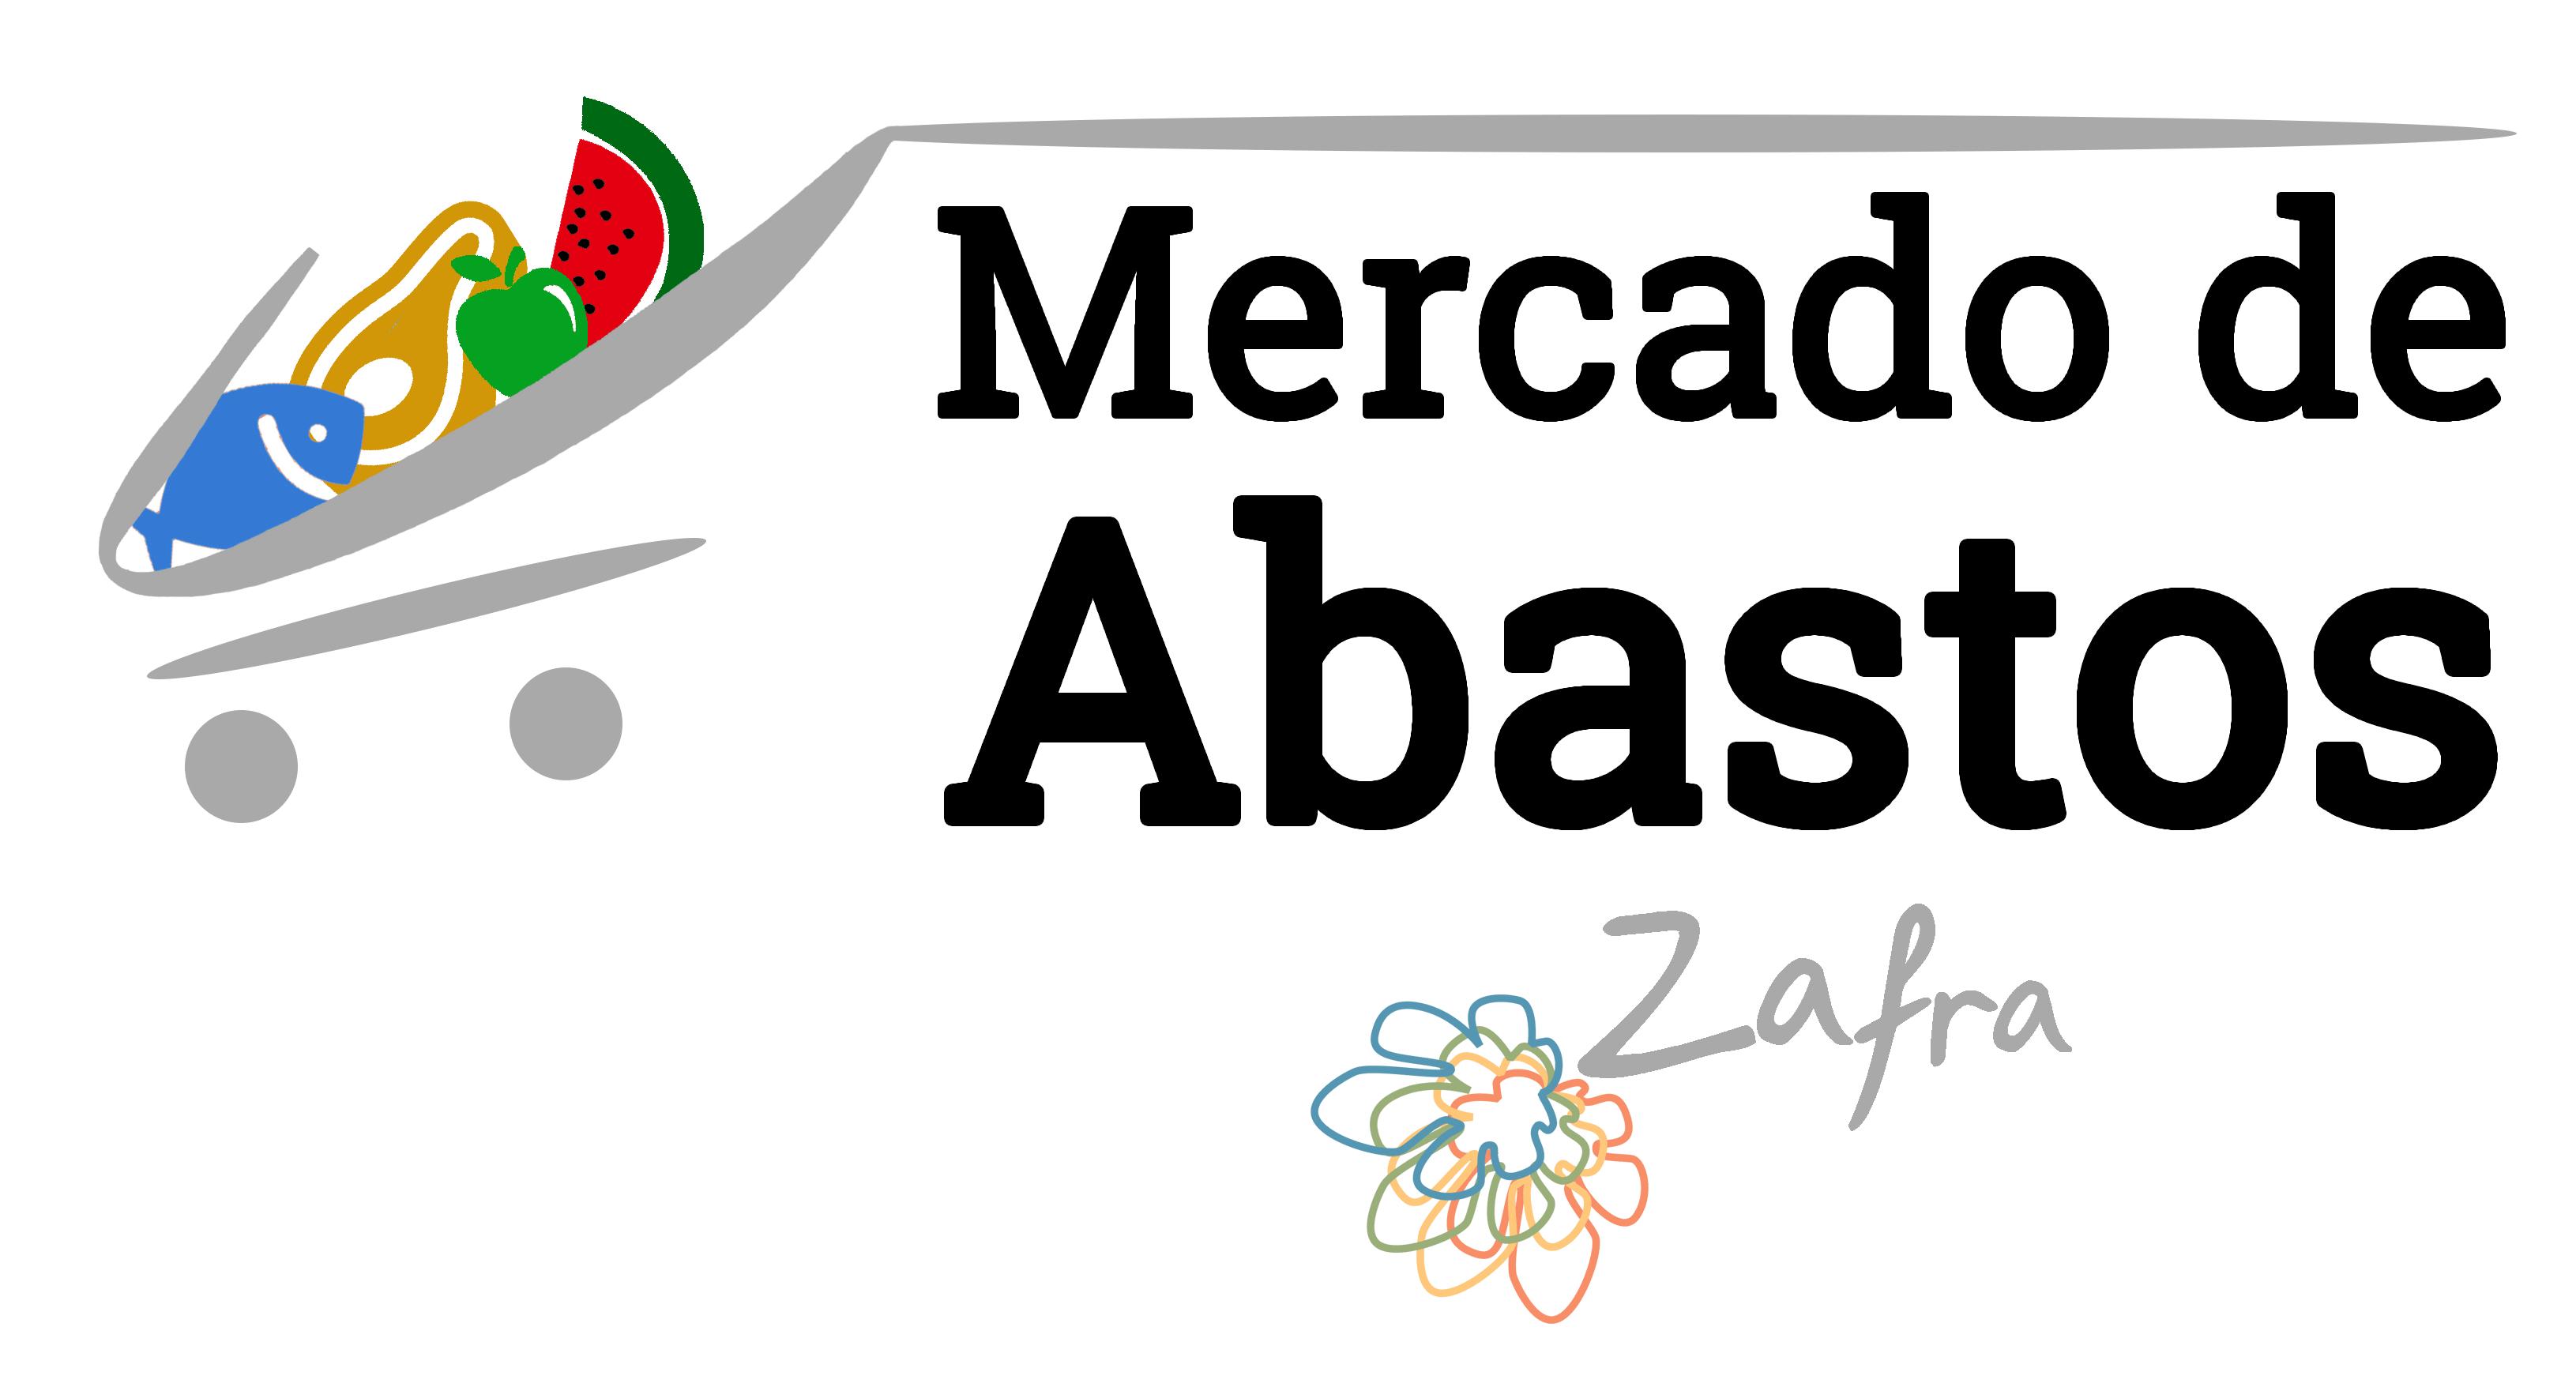 Mercado de Abastos Zafra